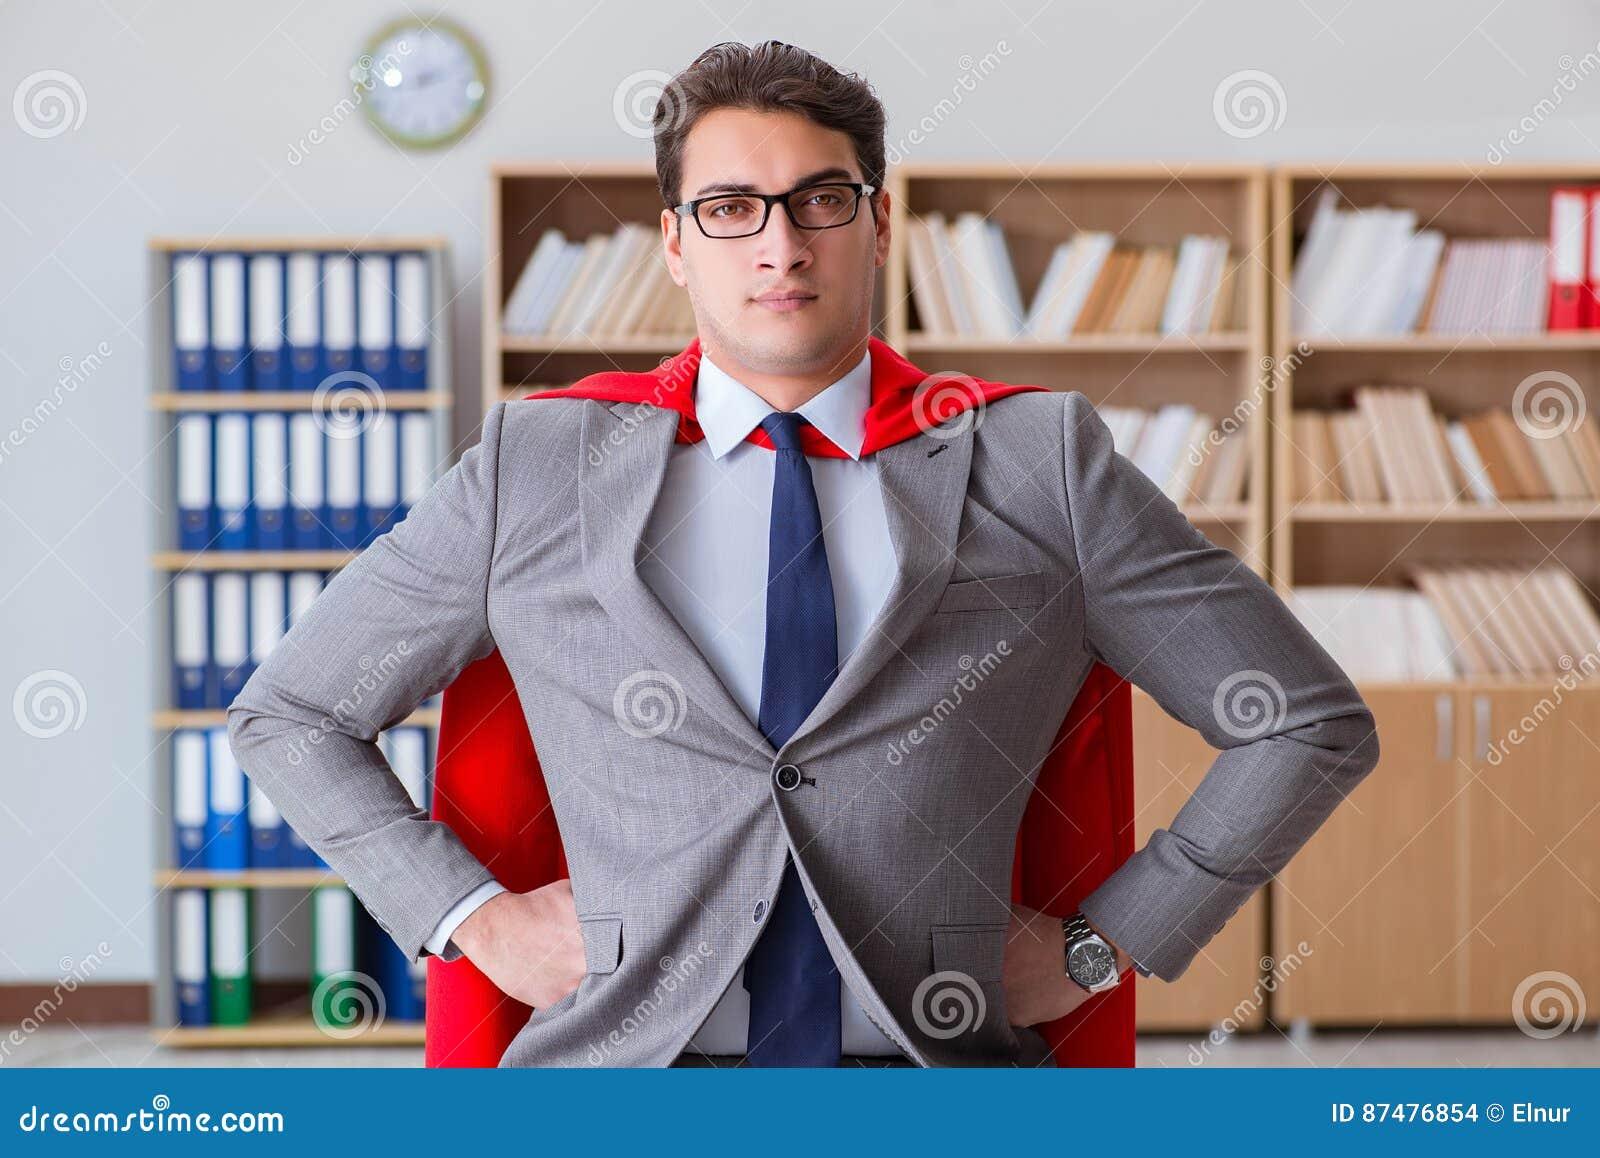 Бизнесмен супергероя работая в офисе